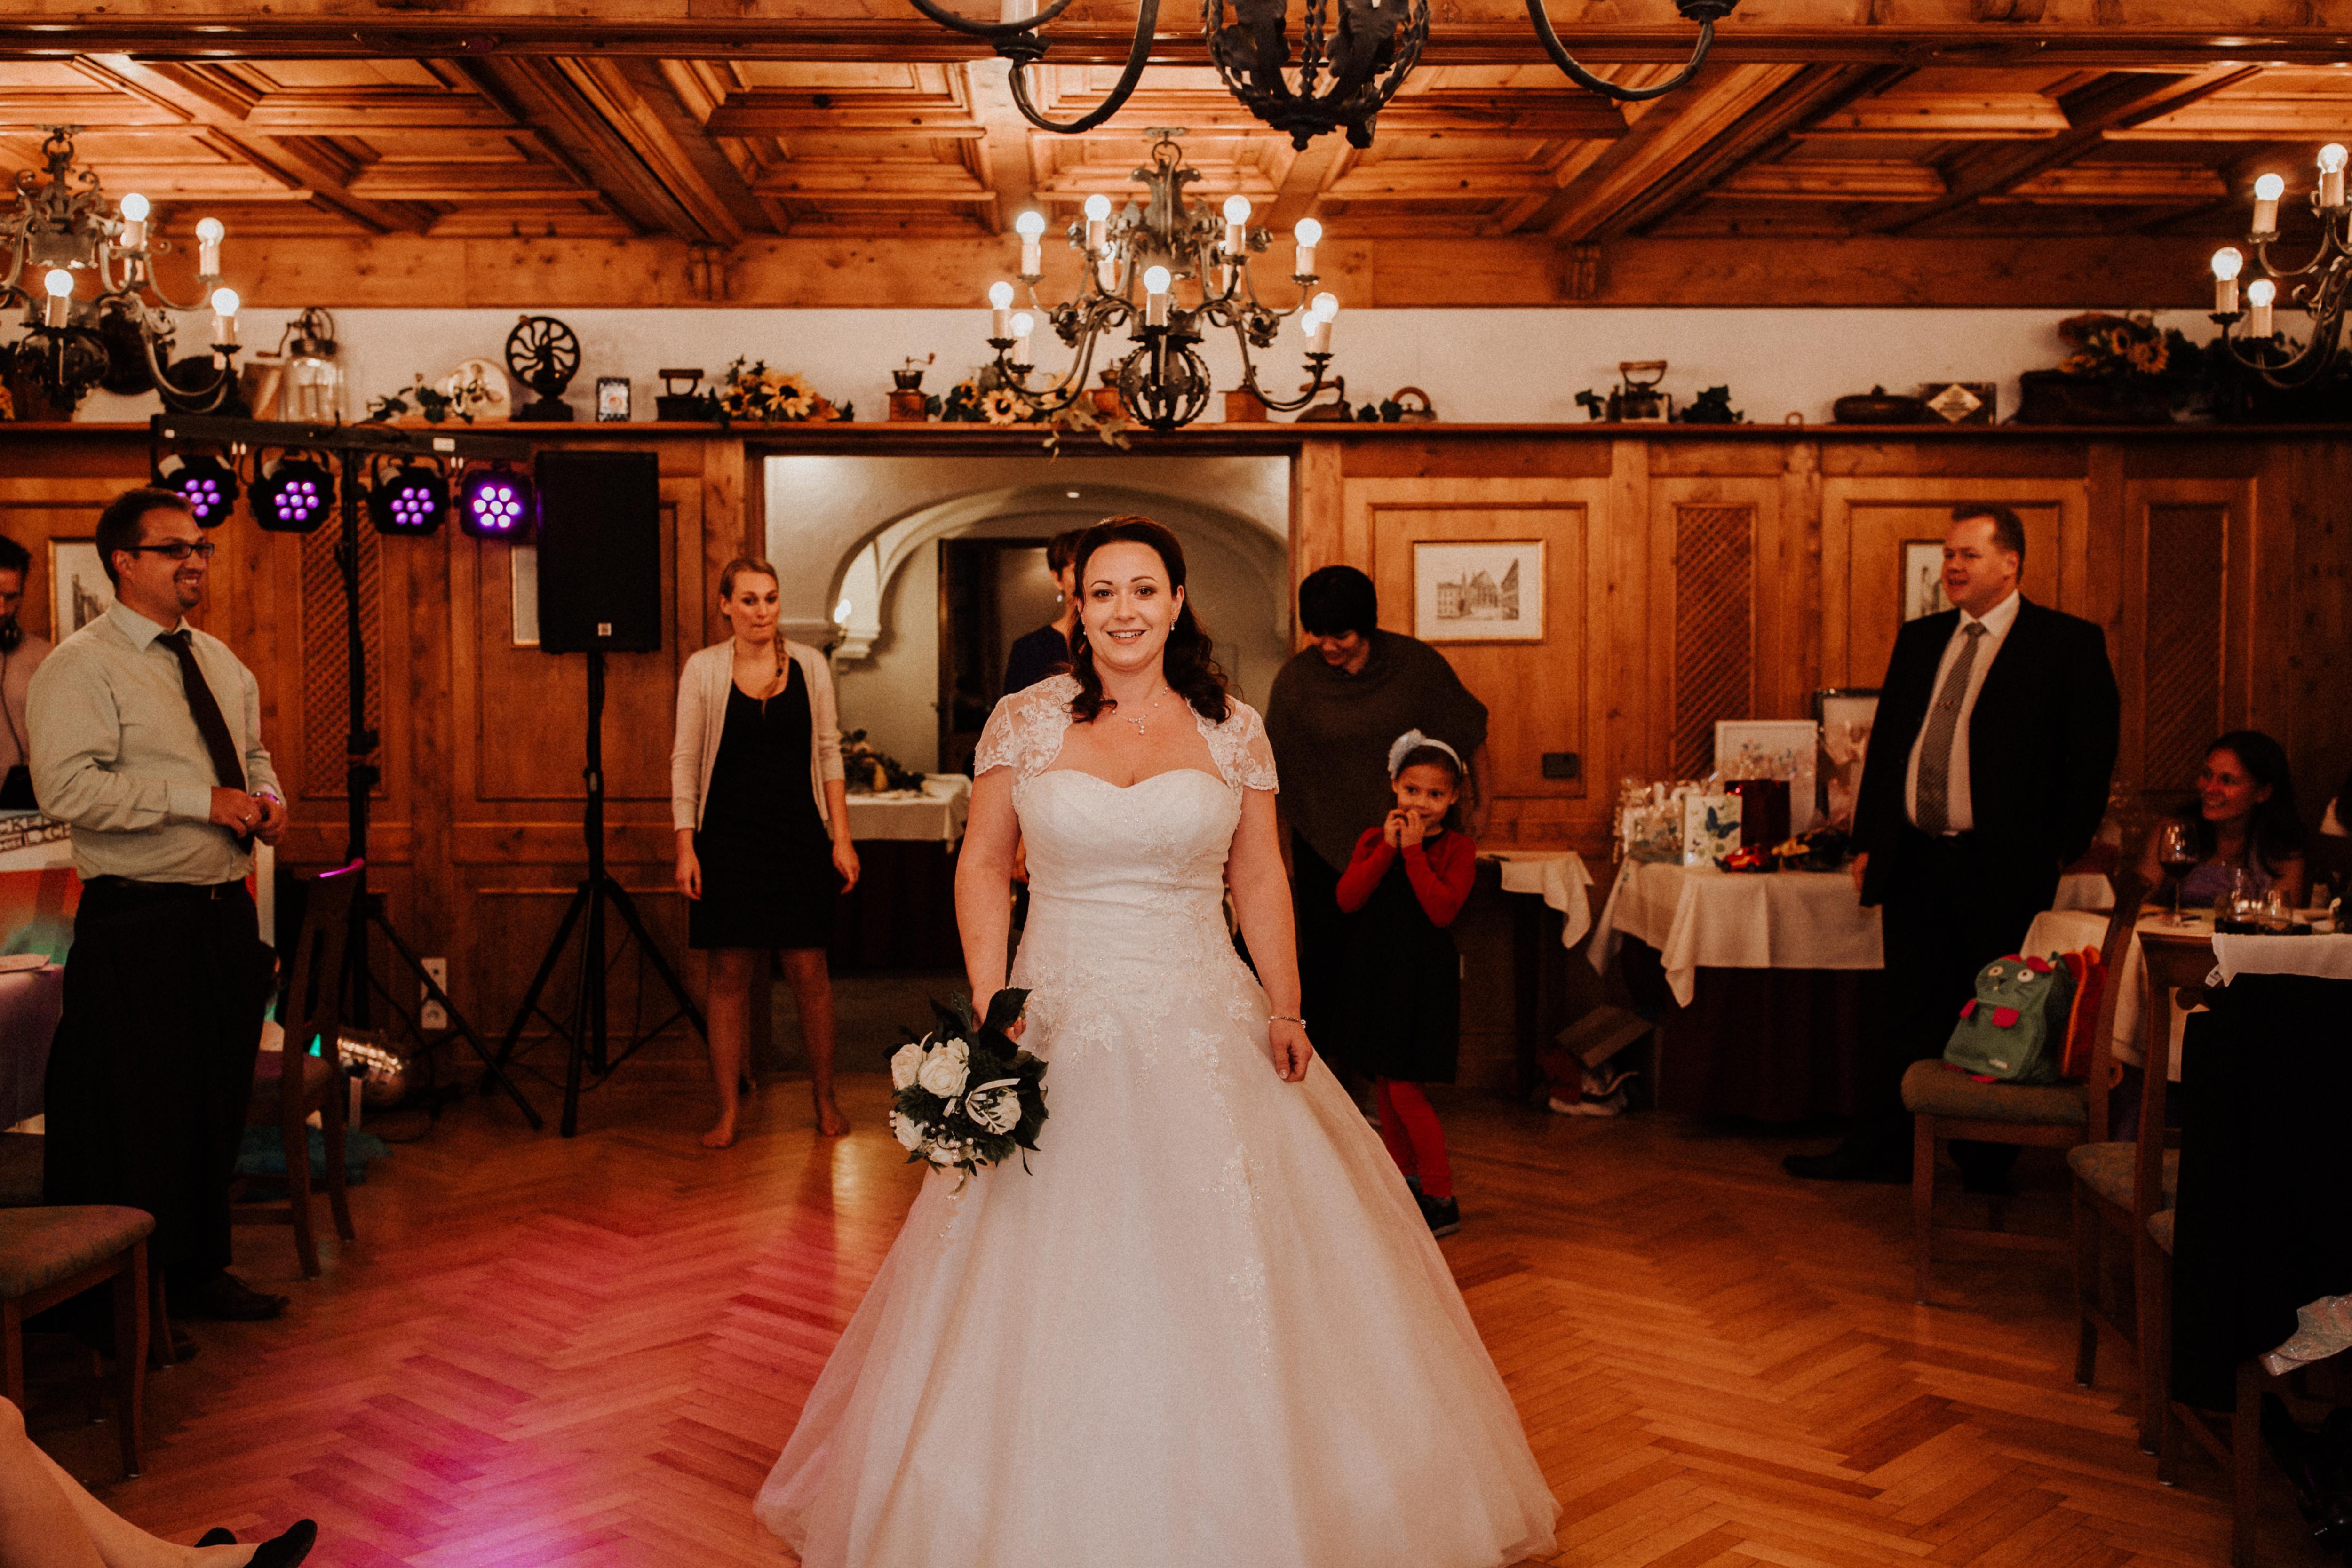 URBANERIE_Daniela_Goth_Hochzeitsfotografin_Nürnberg_Fürth_Erlangen_Schwabach_171007_1708